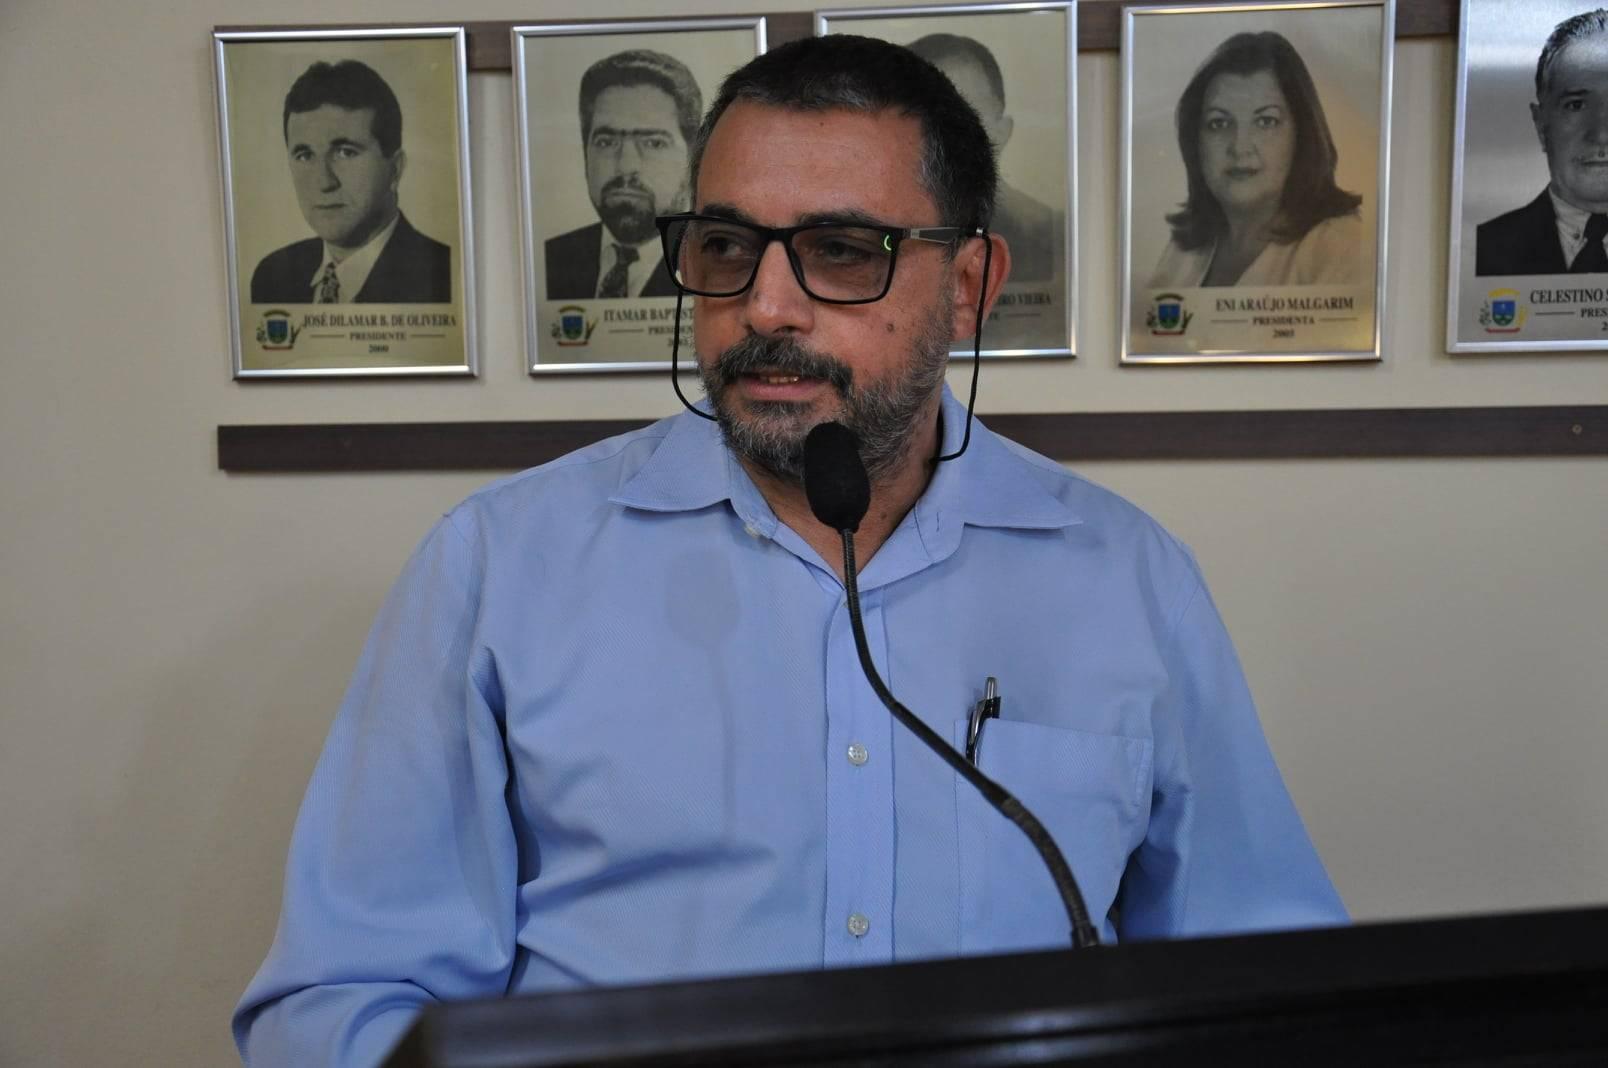 Filas em agências bancárias da cidade: vereador Valmir manifesta preocupação